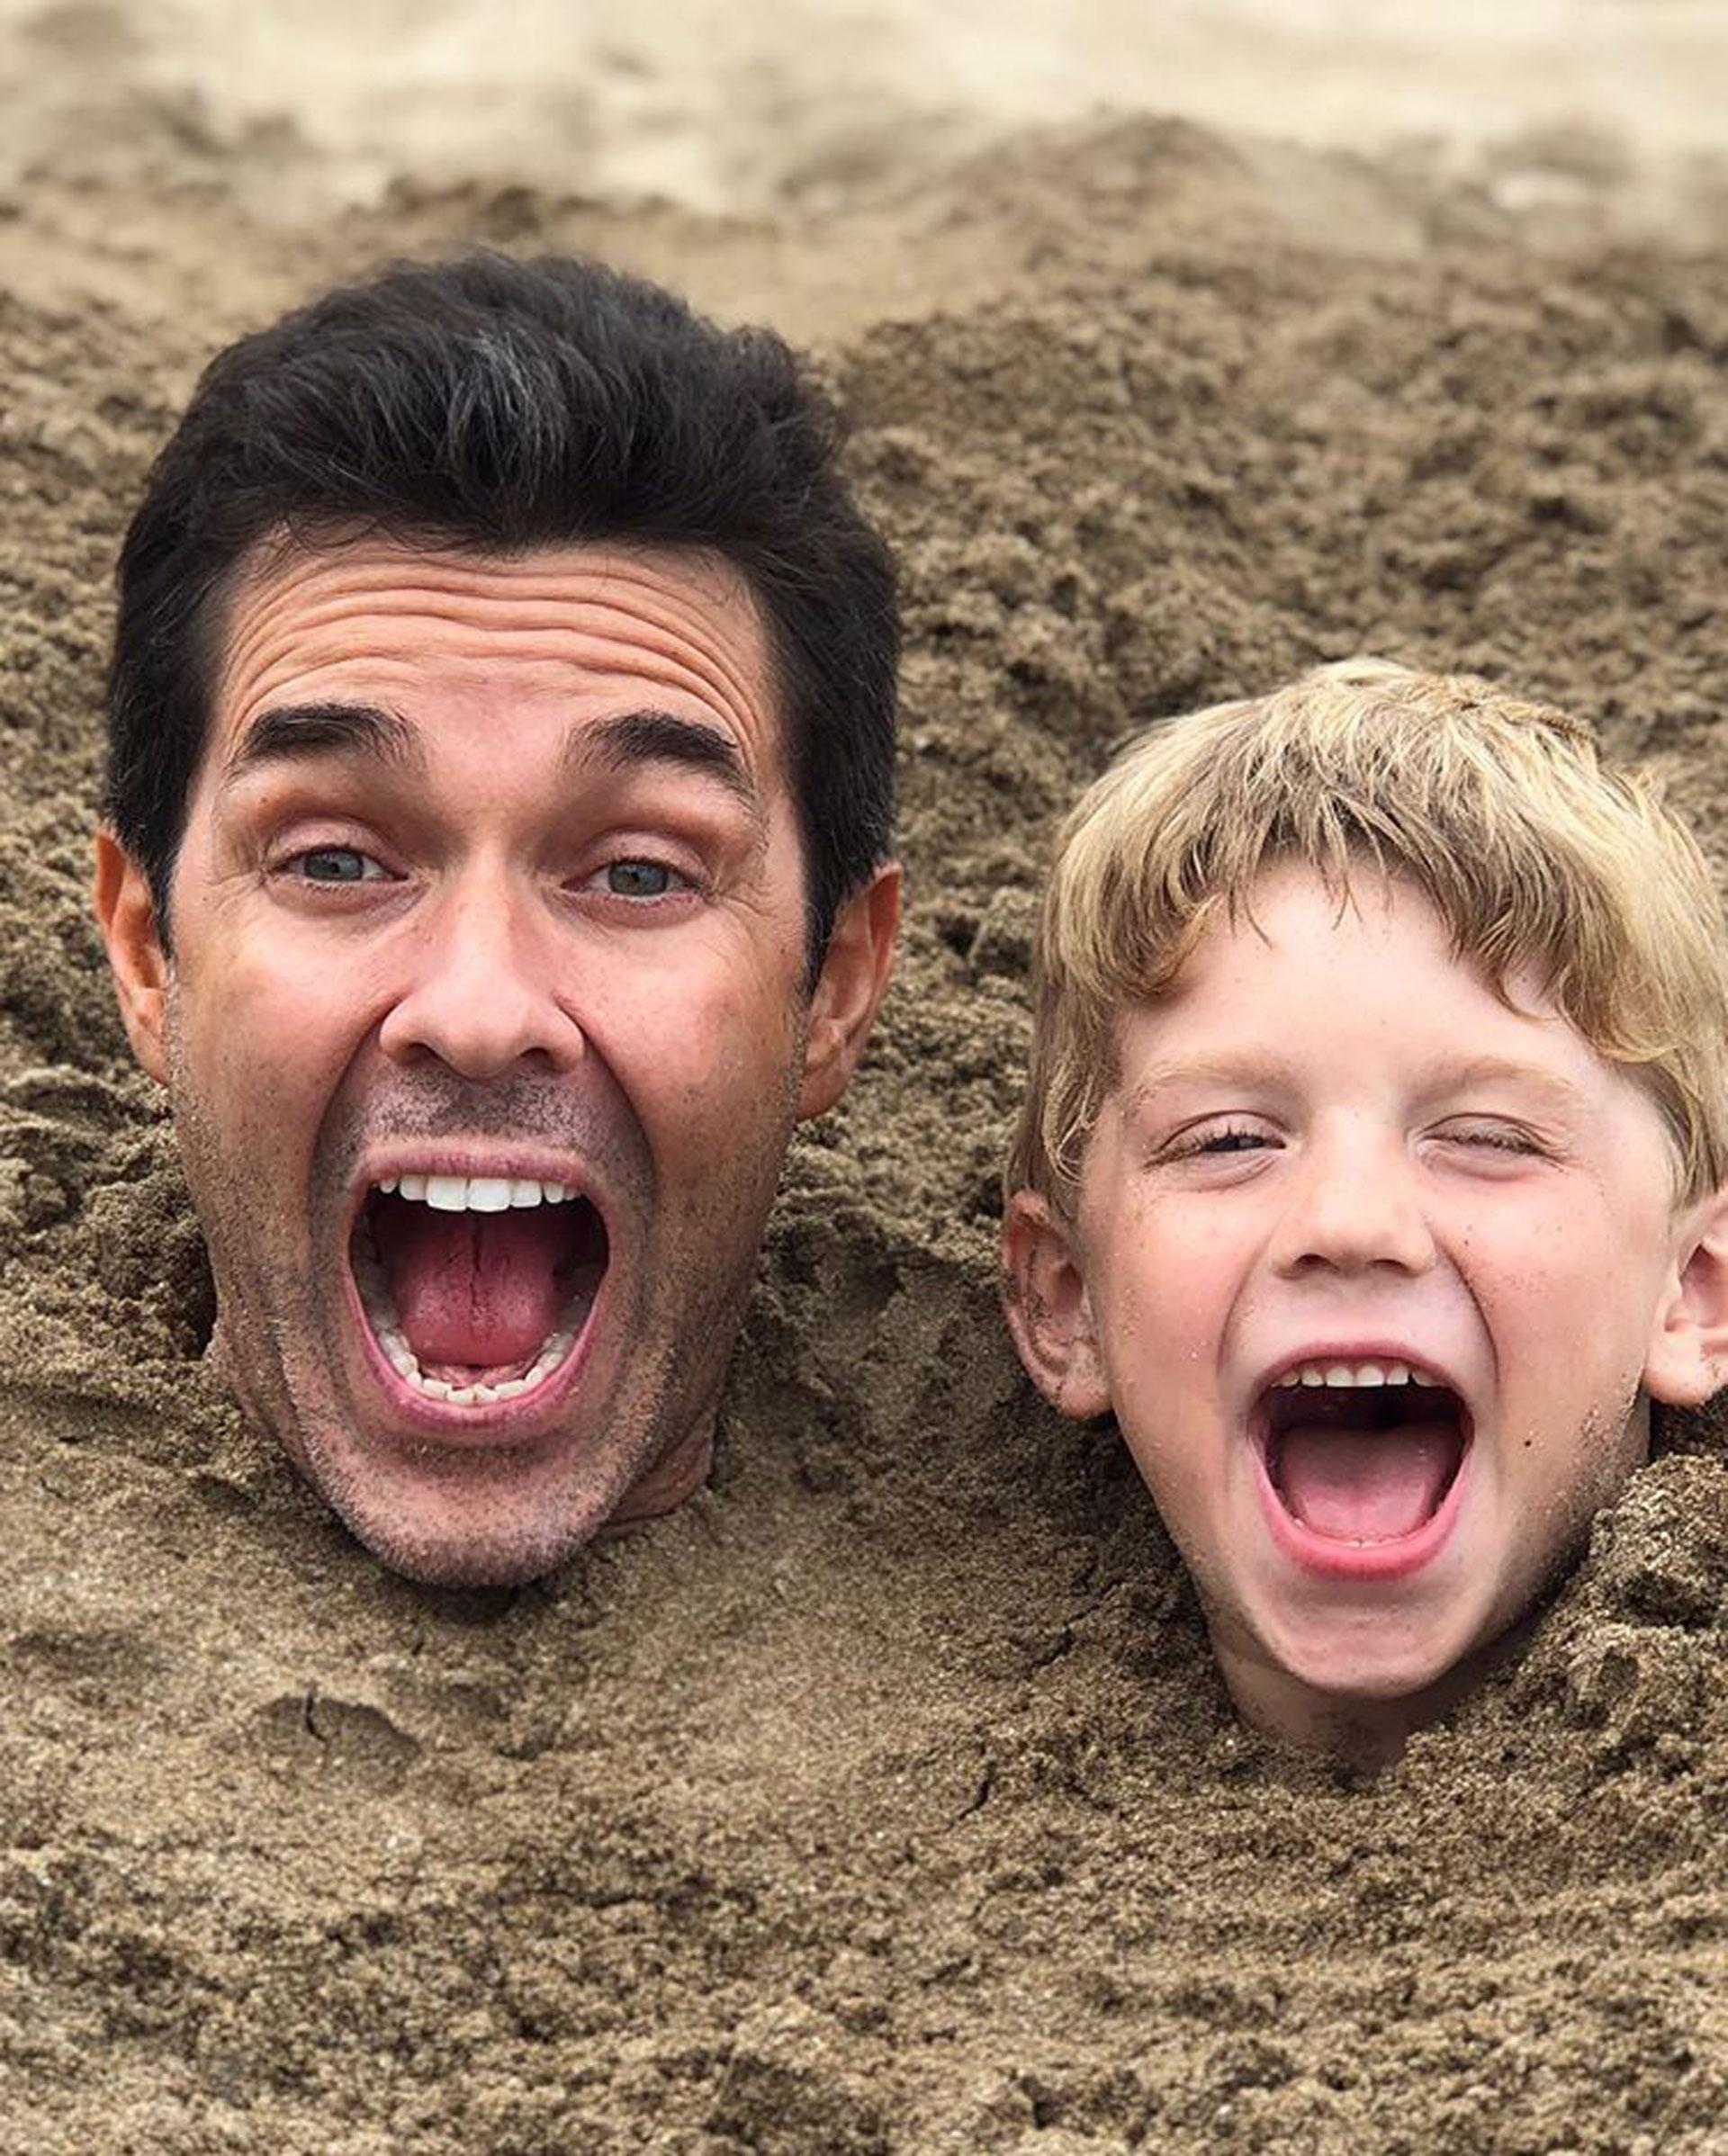 El actor junto a Milo. ¡Muy divertidos! Foto: Instagram @marianom78